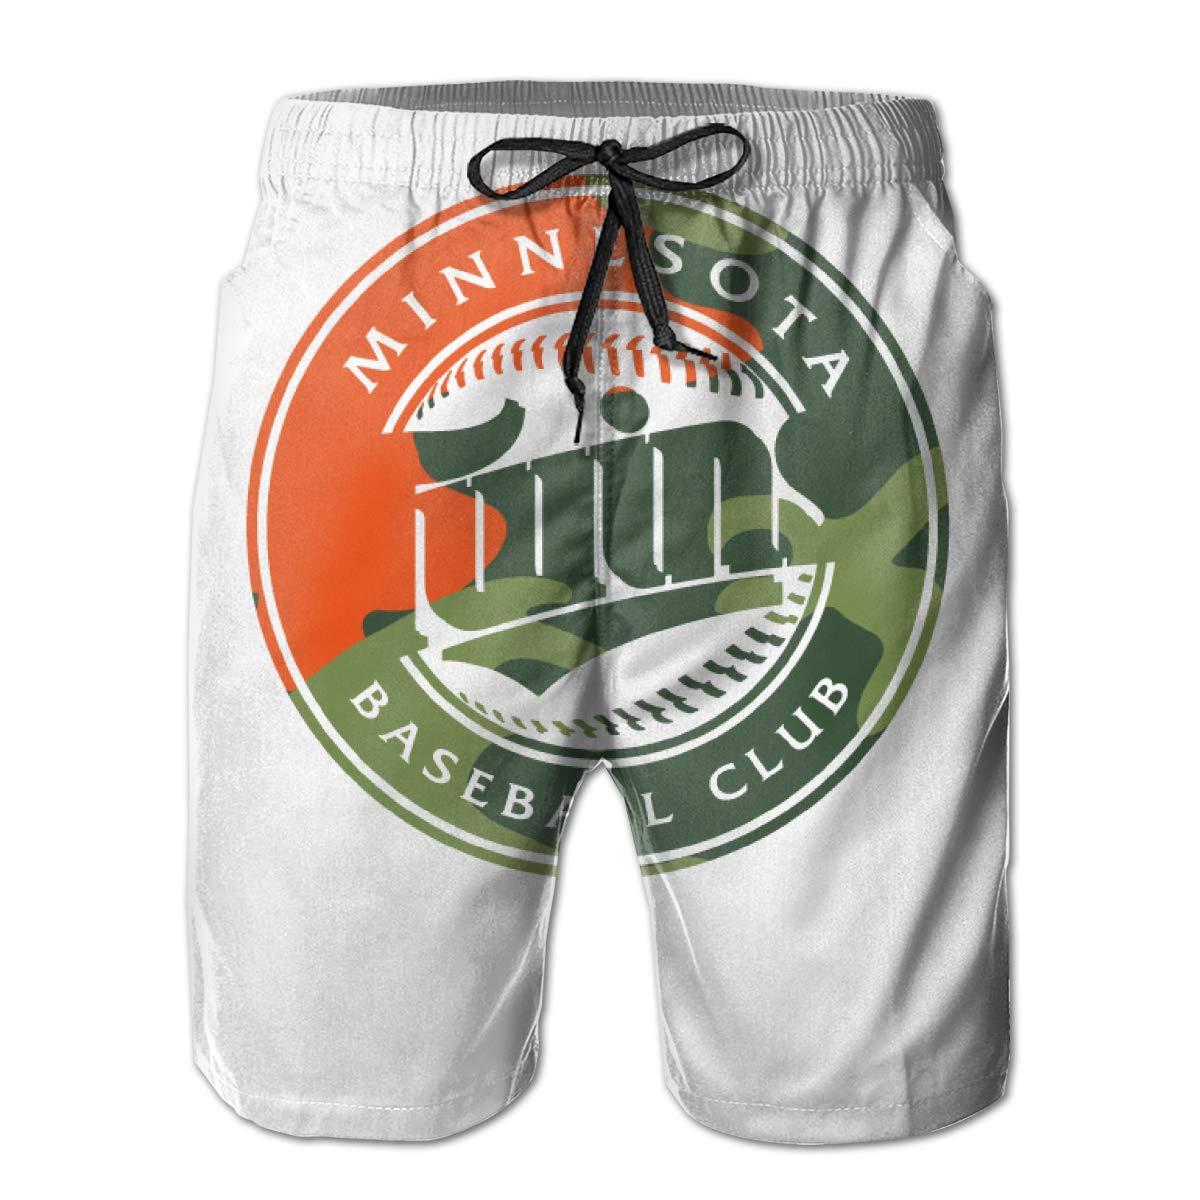 b9c97356a46c5 Poppiy Kelven Men's TwinsScheduleArtcamoLogo Swim Trunks Summer Summer  Summer Holiday Beachwear Quick Dry 9e8e2b